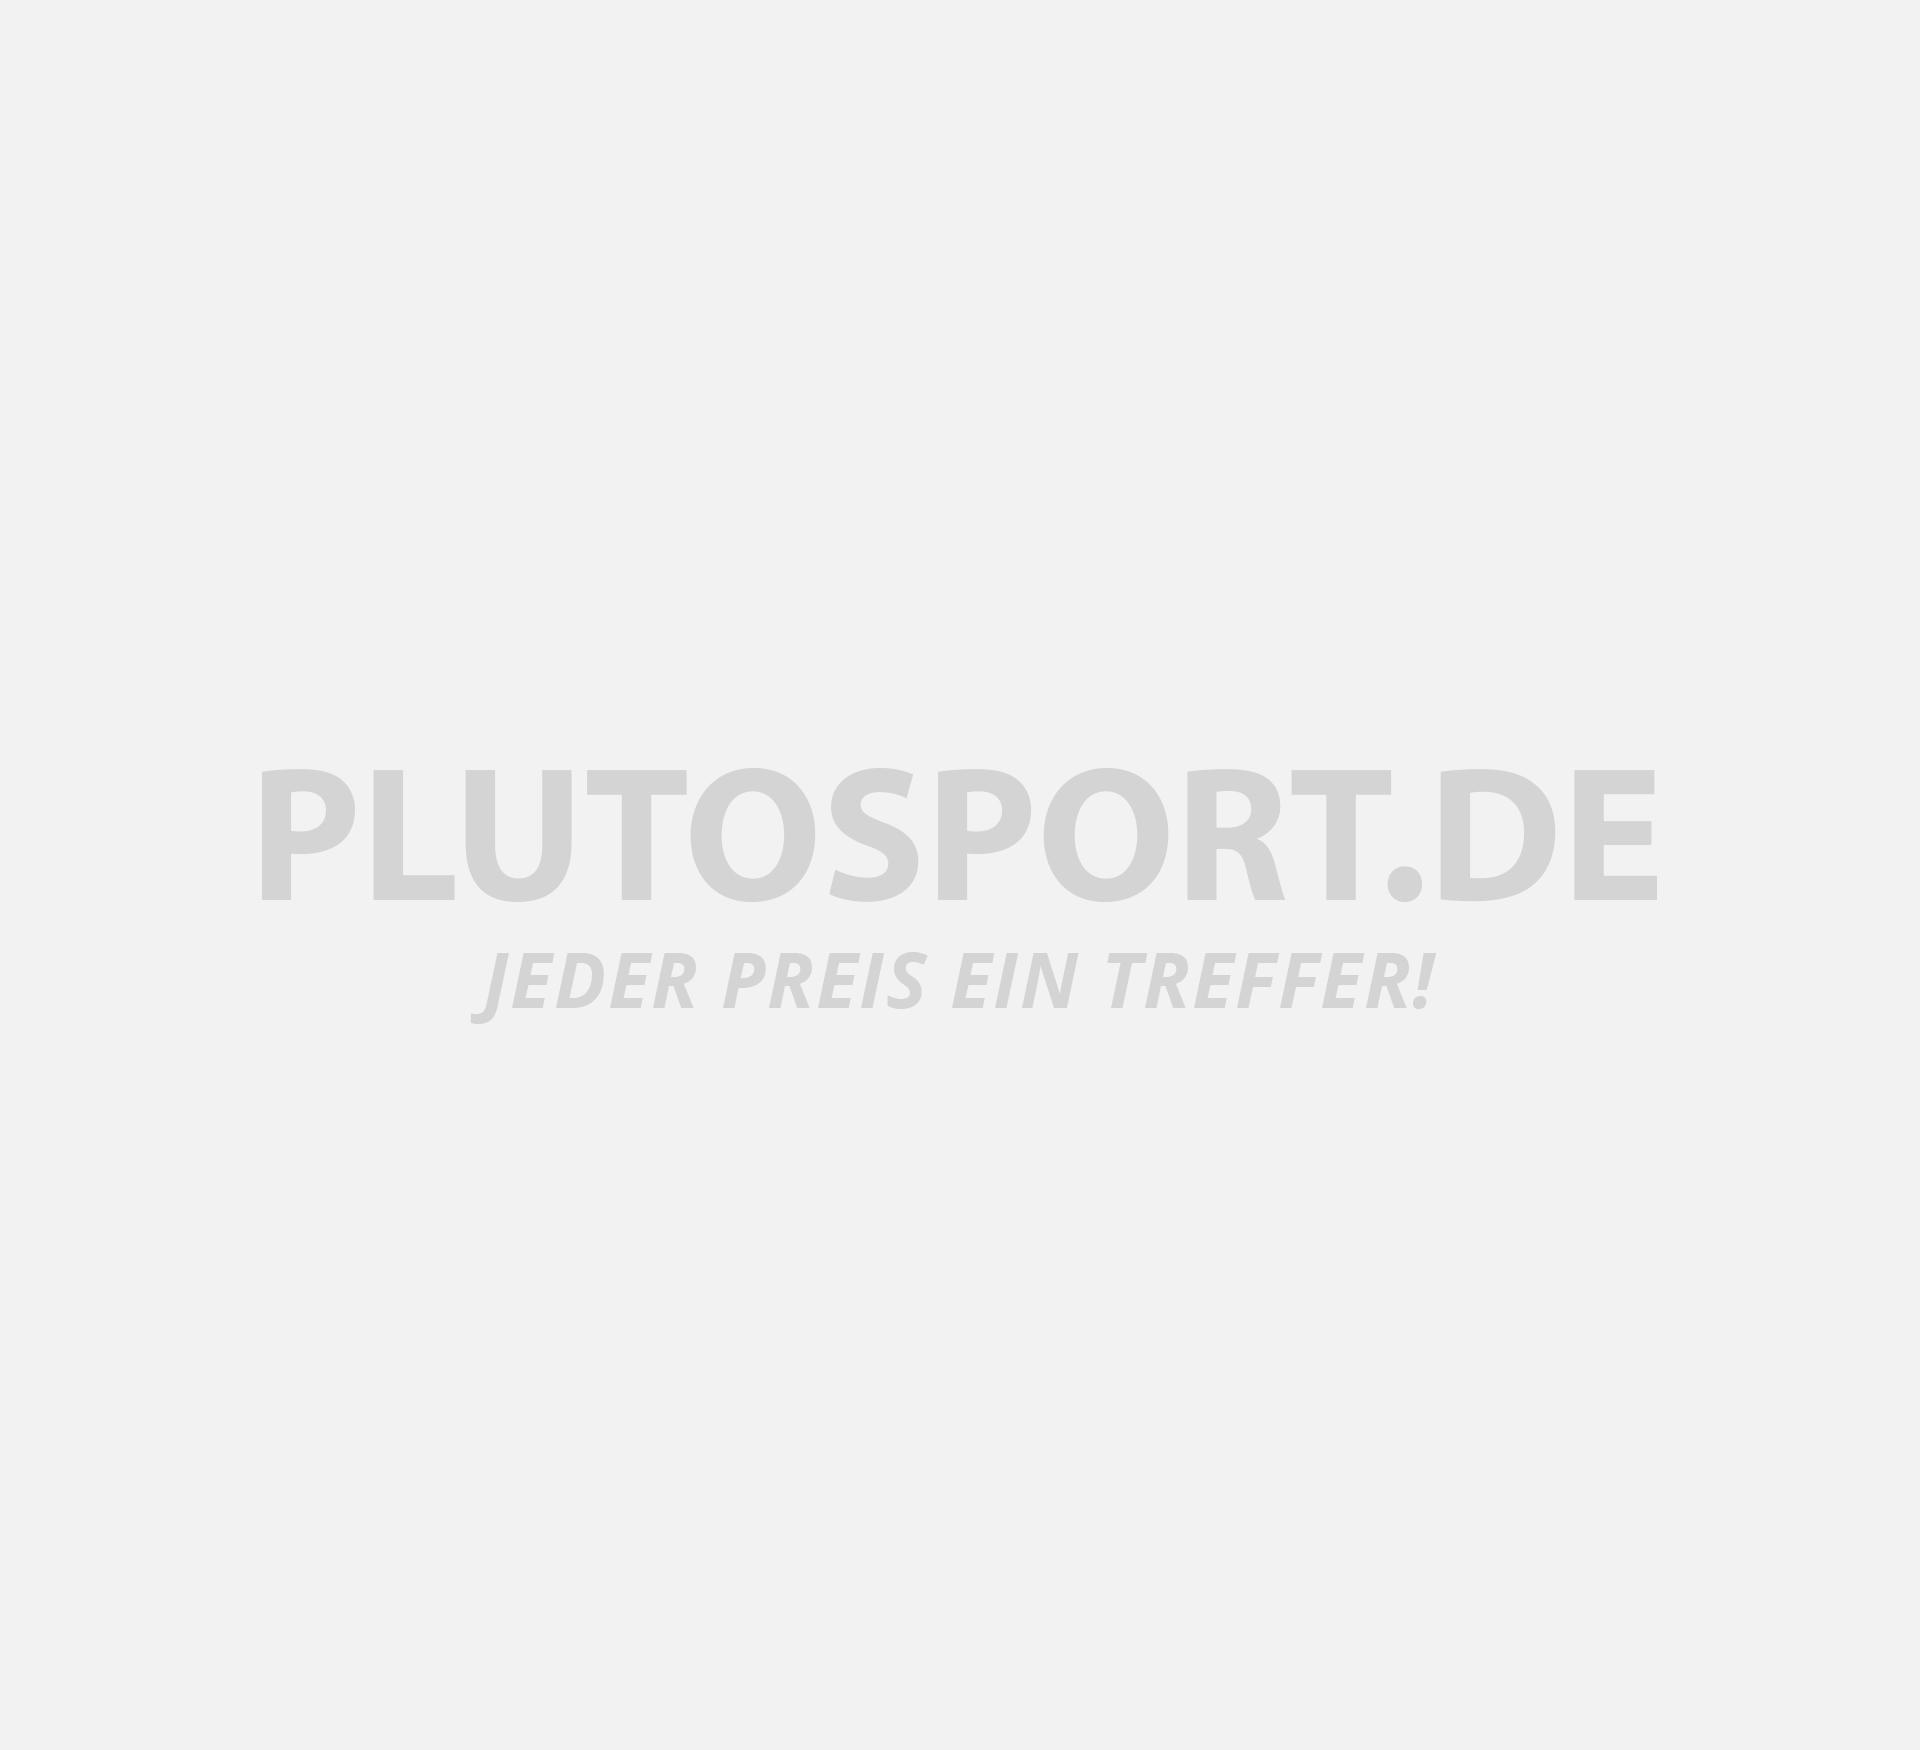 Reusch Attrakt SG Torwarthandschuhe Senior